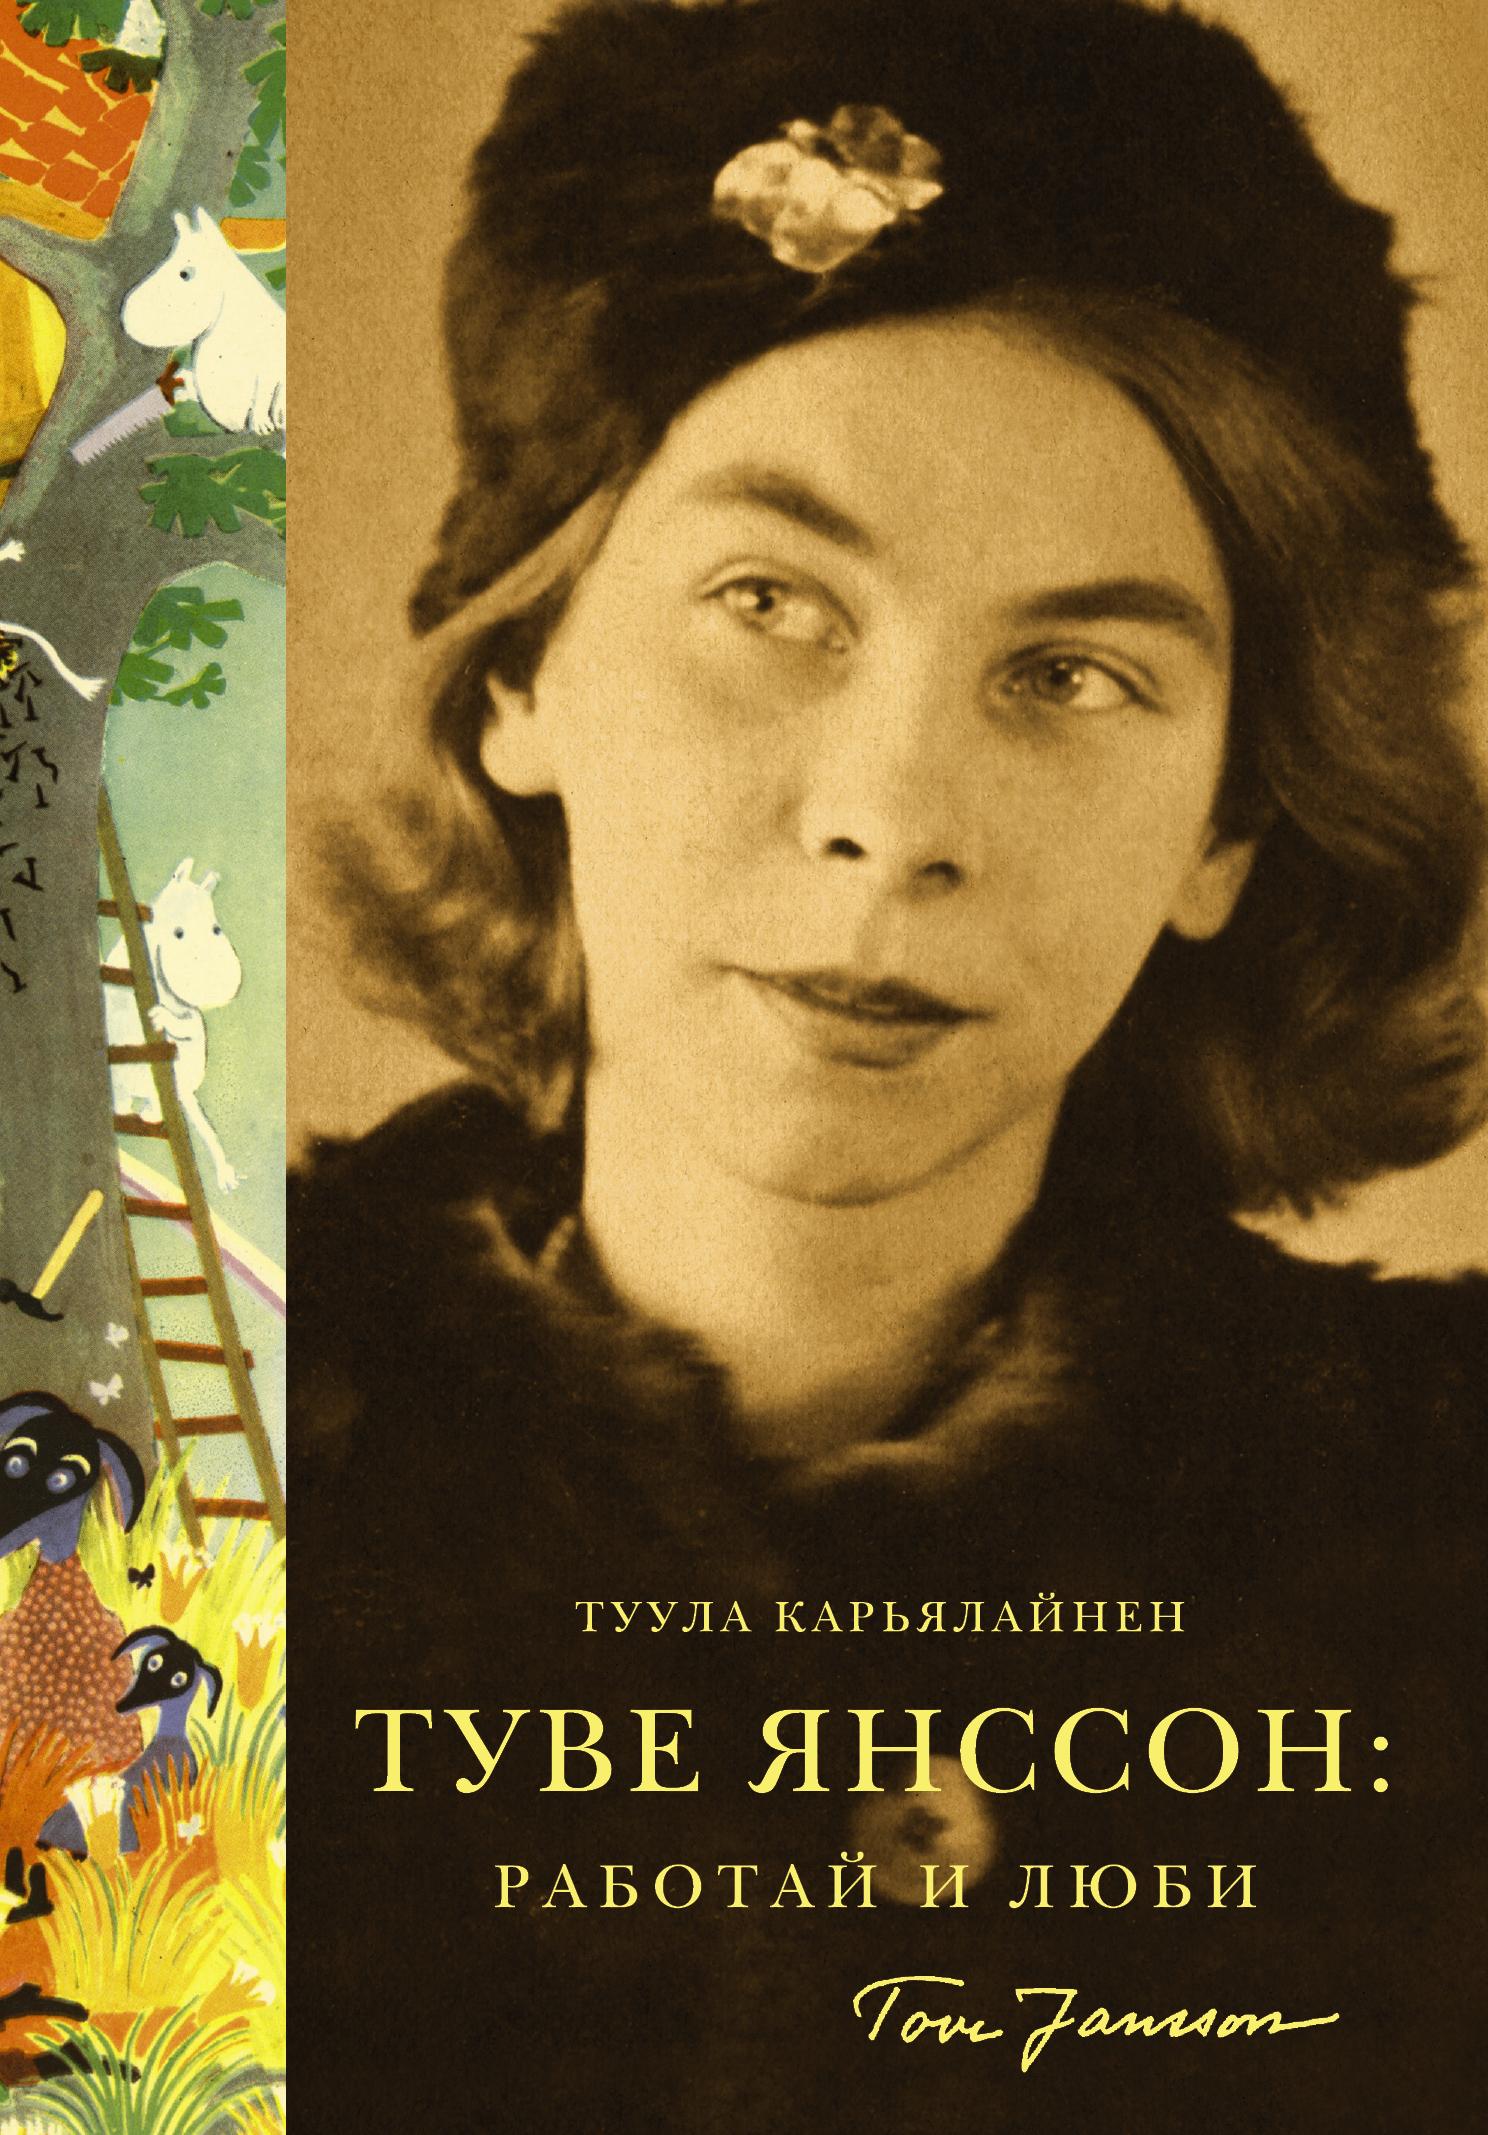 Все книги Туве Янссон читать онлайн бесплатно лучшие